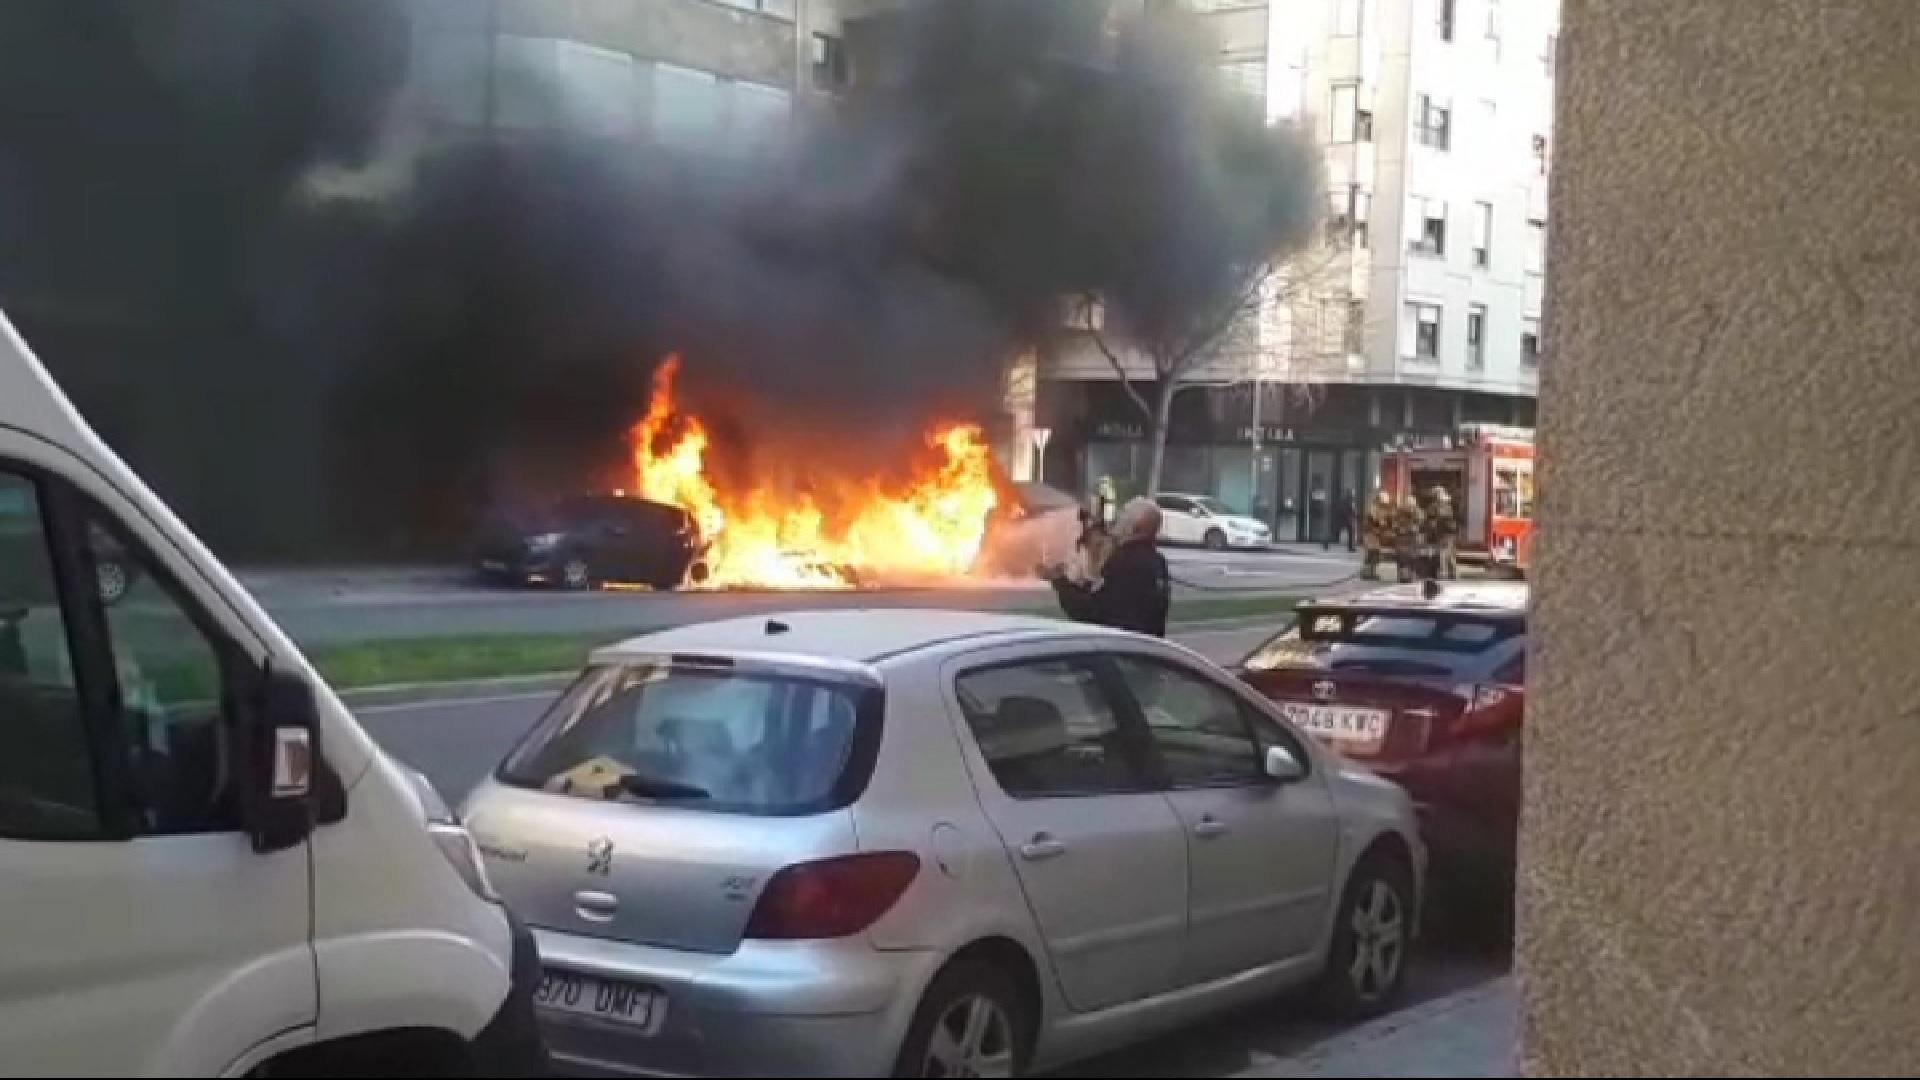 Tres+contenidors+i+un+cotxe+cremat+a+Palma+per+un+home+que+ja+est%C3%A0+detingut